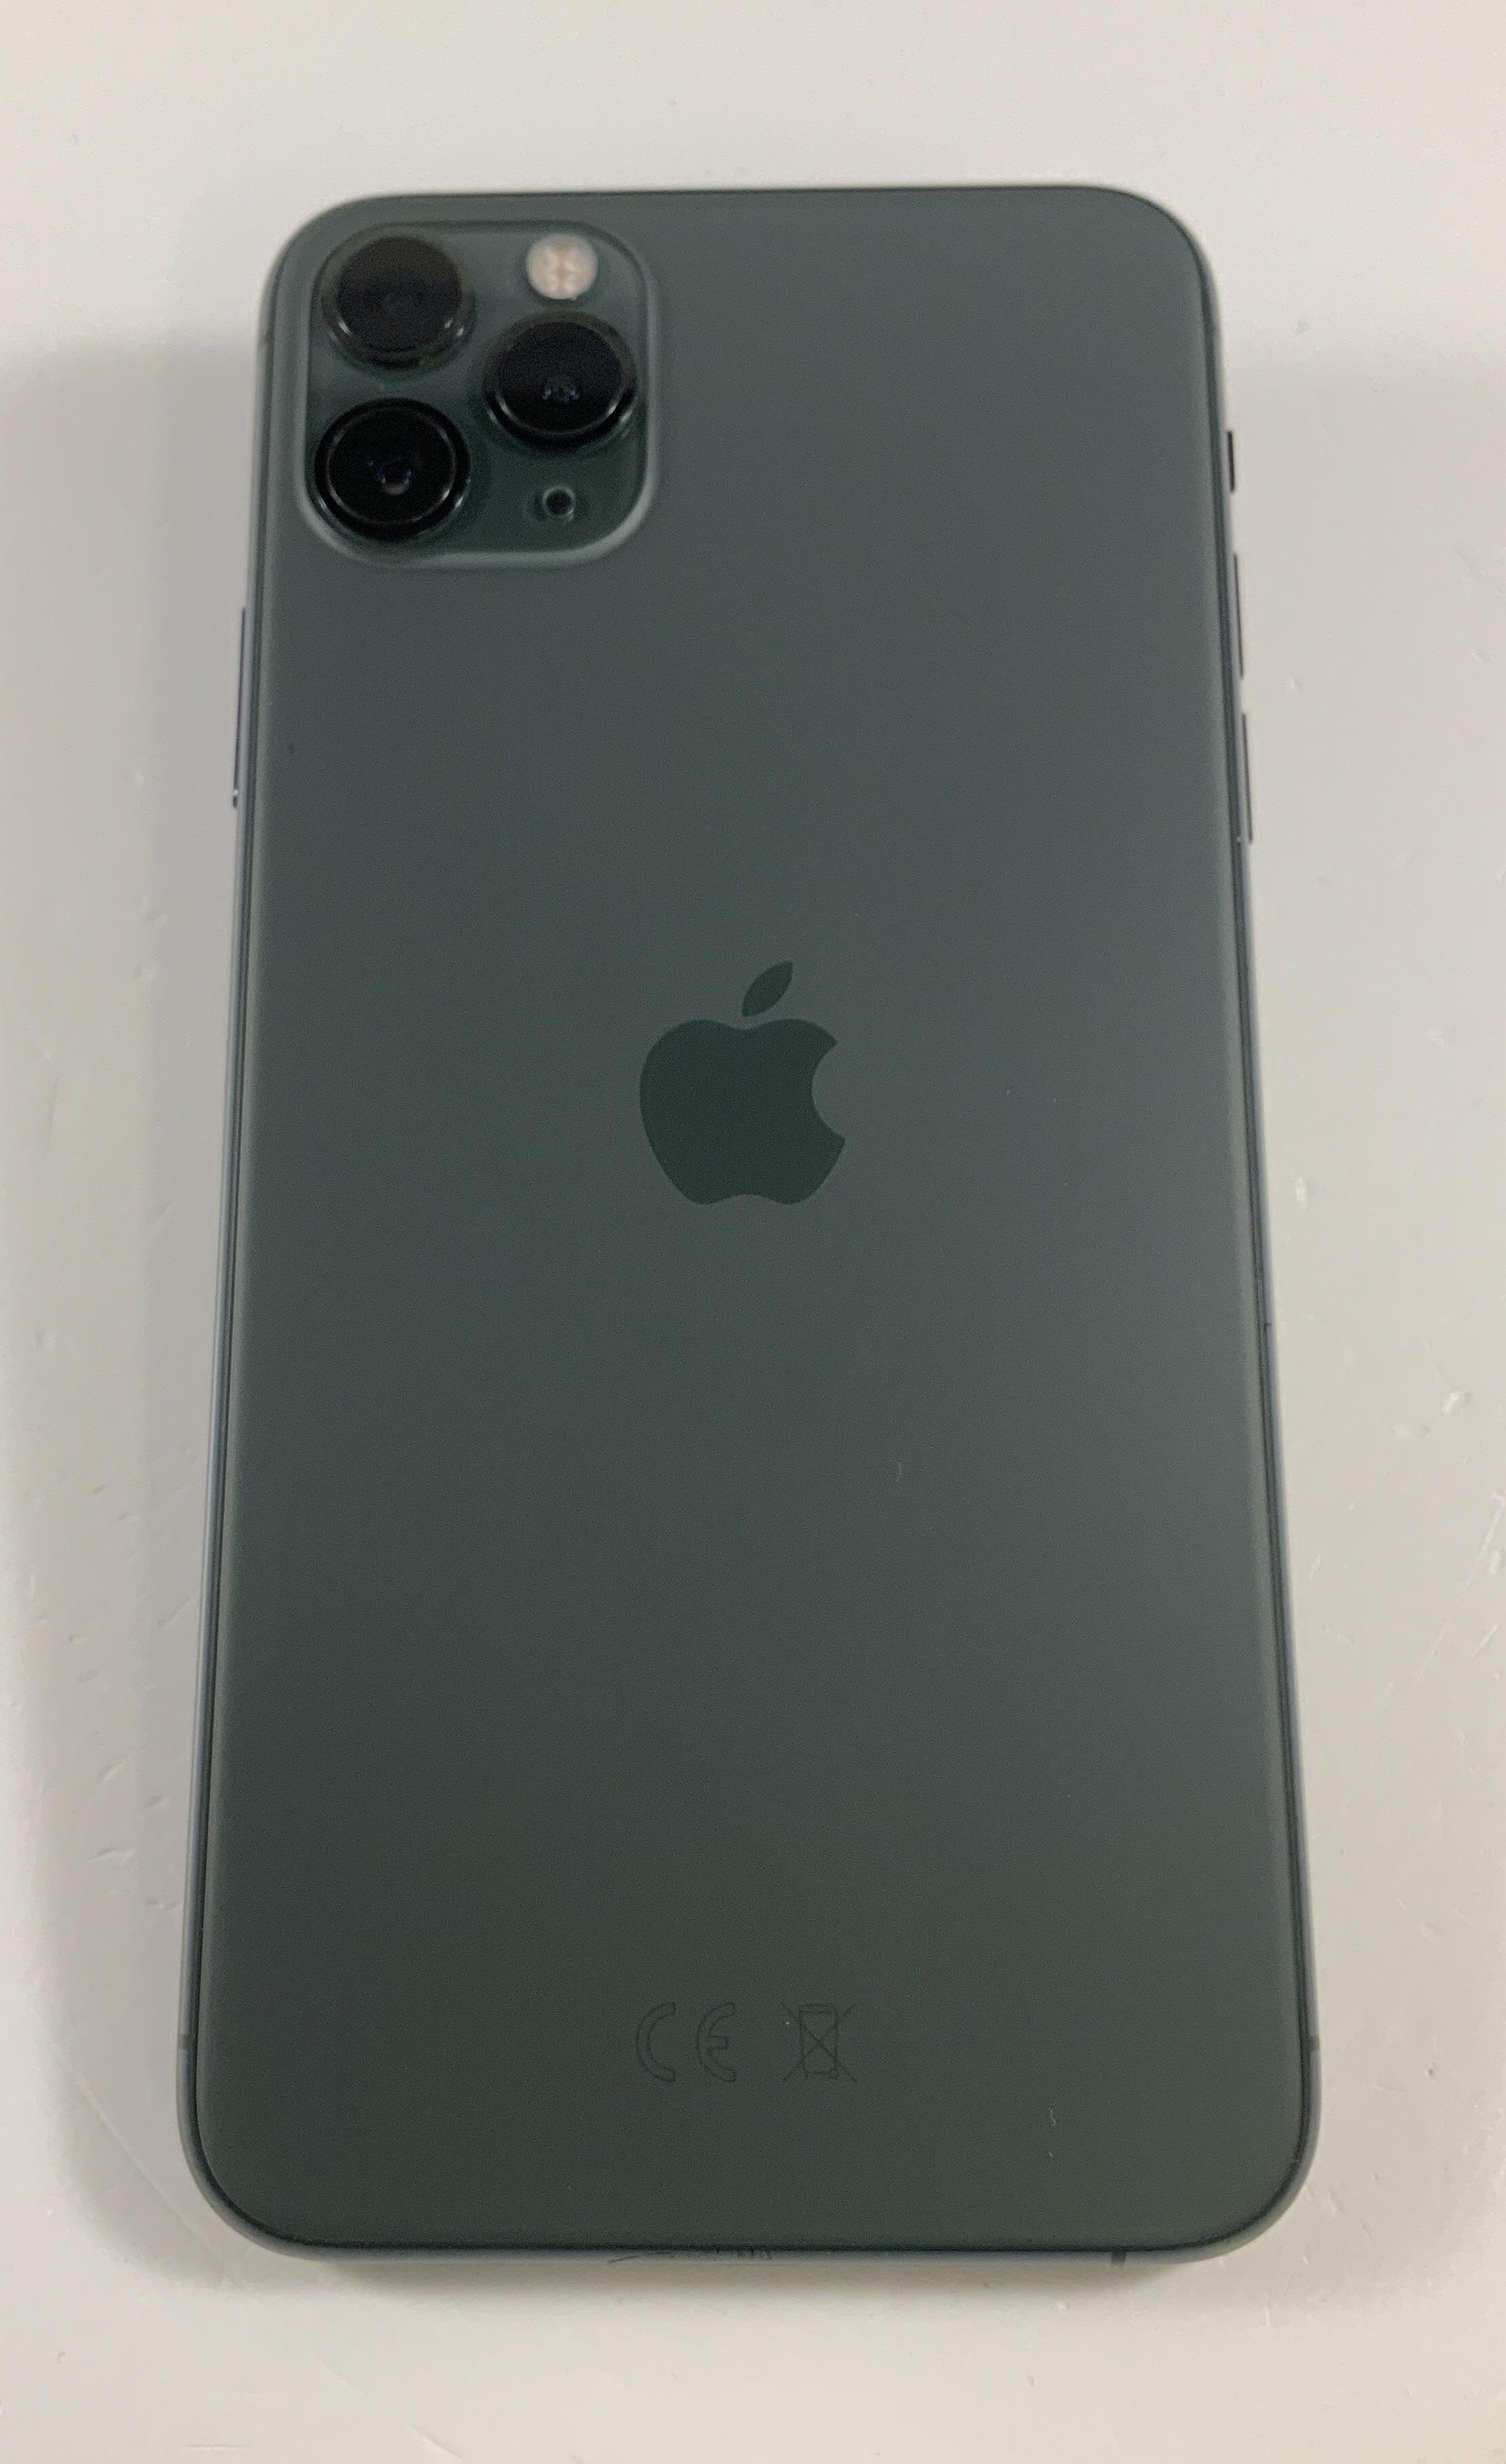 iPhone 11 Pro Max 256GB, 256GB, Midnight Green, immagine 2